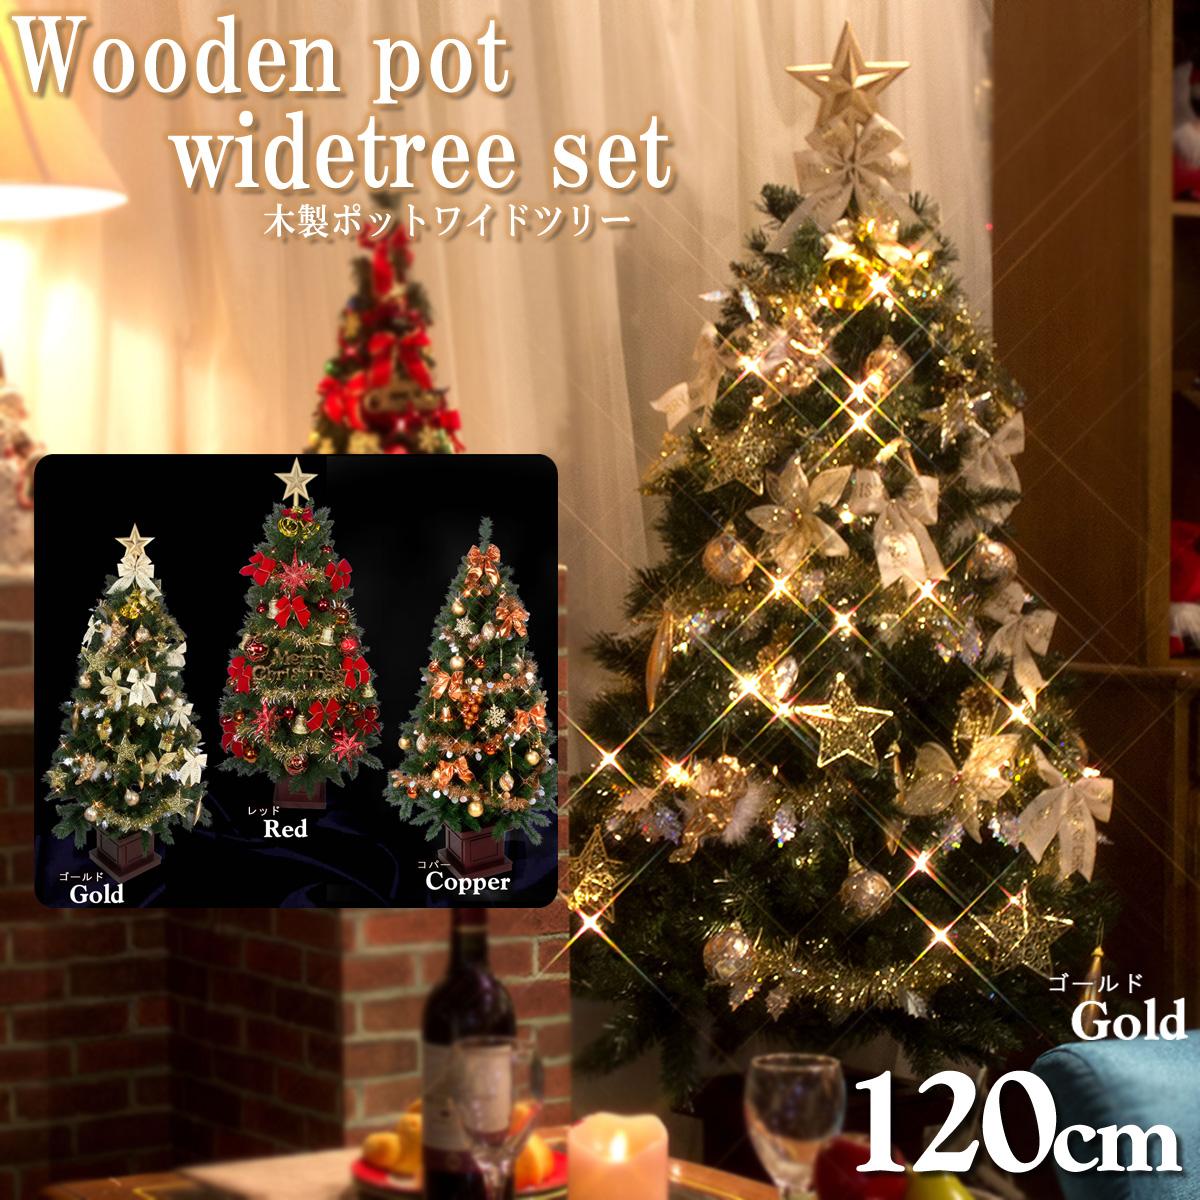 クリスマスツリーセット 120cm タイプ3色あります 木製ポット ワイドツリー LEDライト付 オーナメントセット付き 【S】